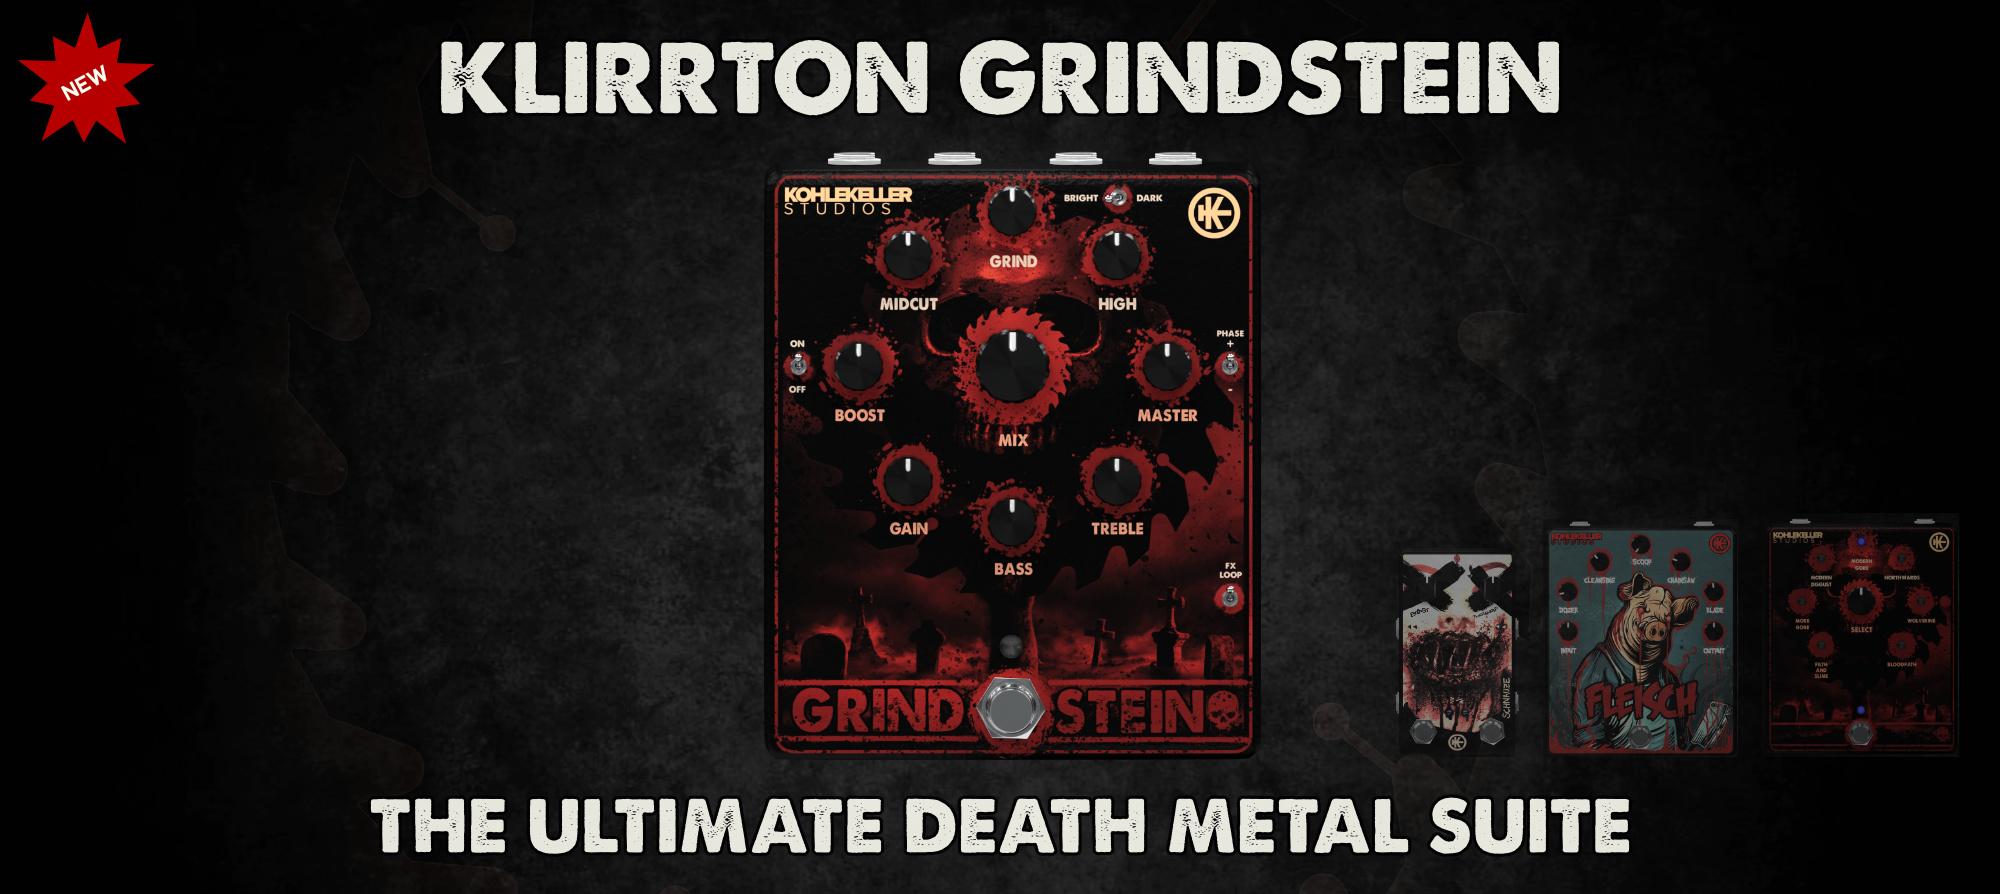 Klirrton Grindstein Site Banner